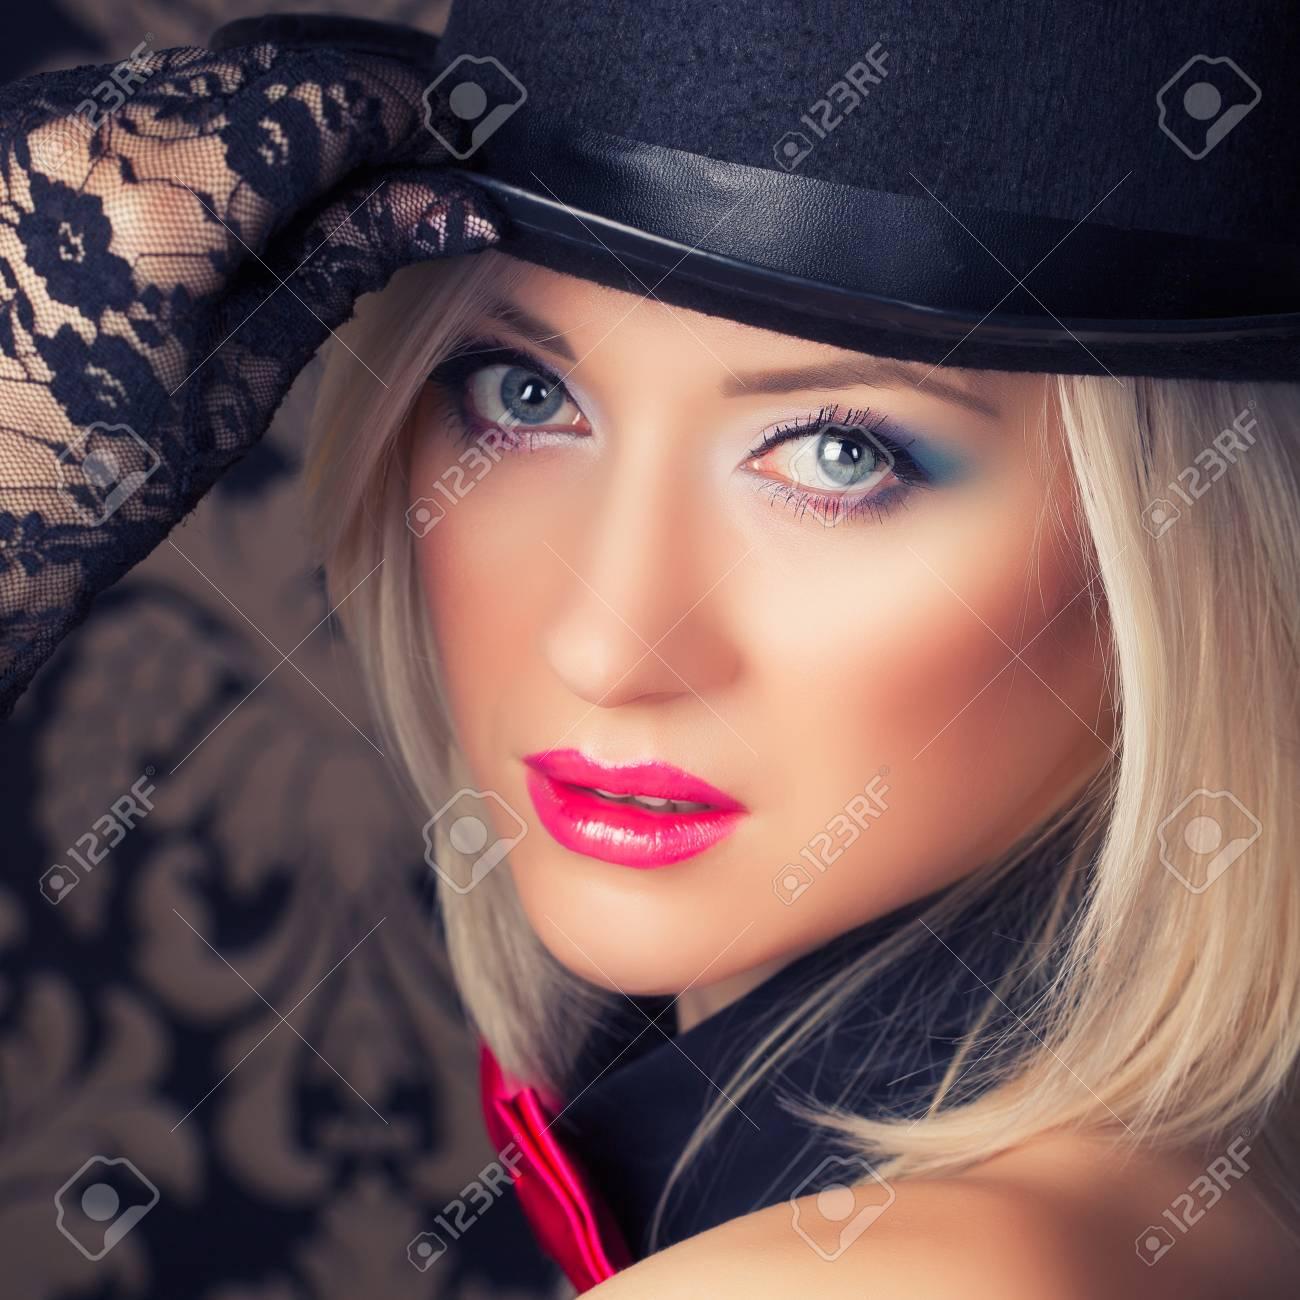 レトロな壁紙に対するポーズ美しいキャバレー女 の写真素材 画像素材